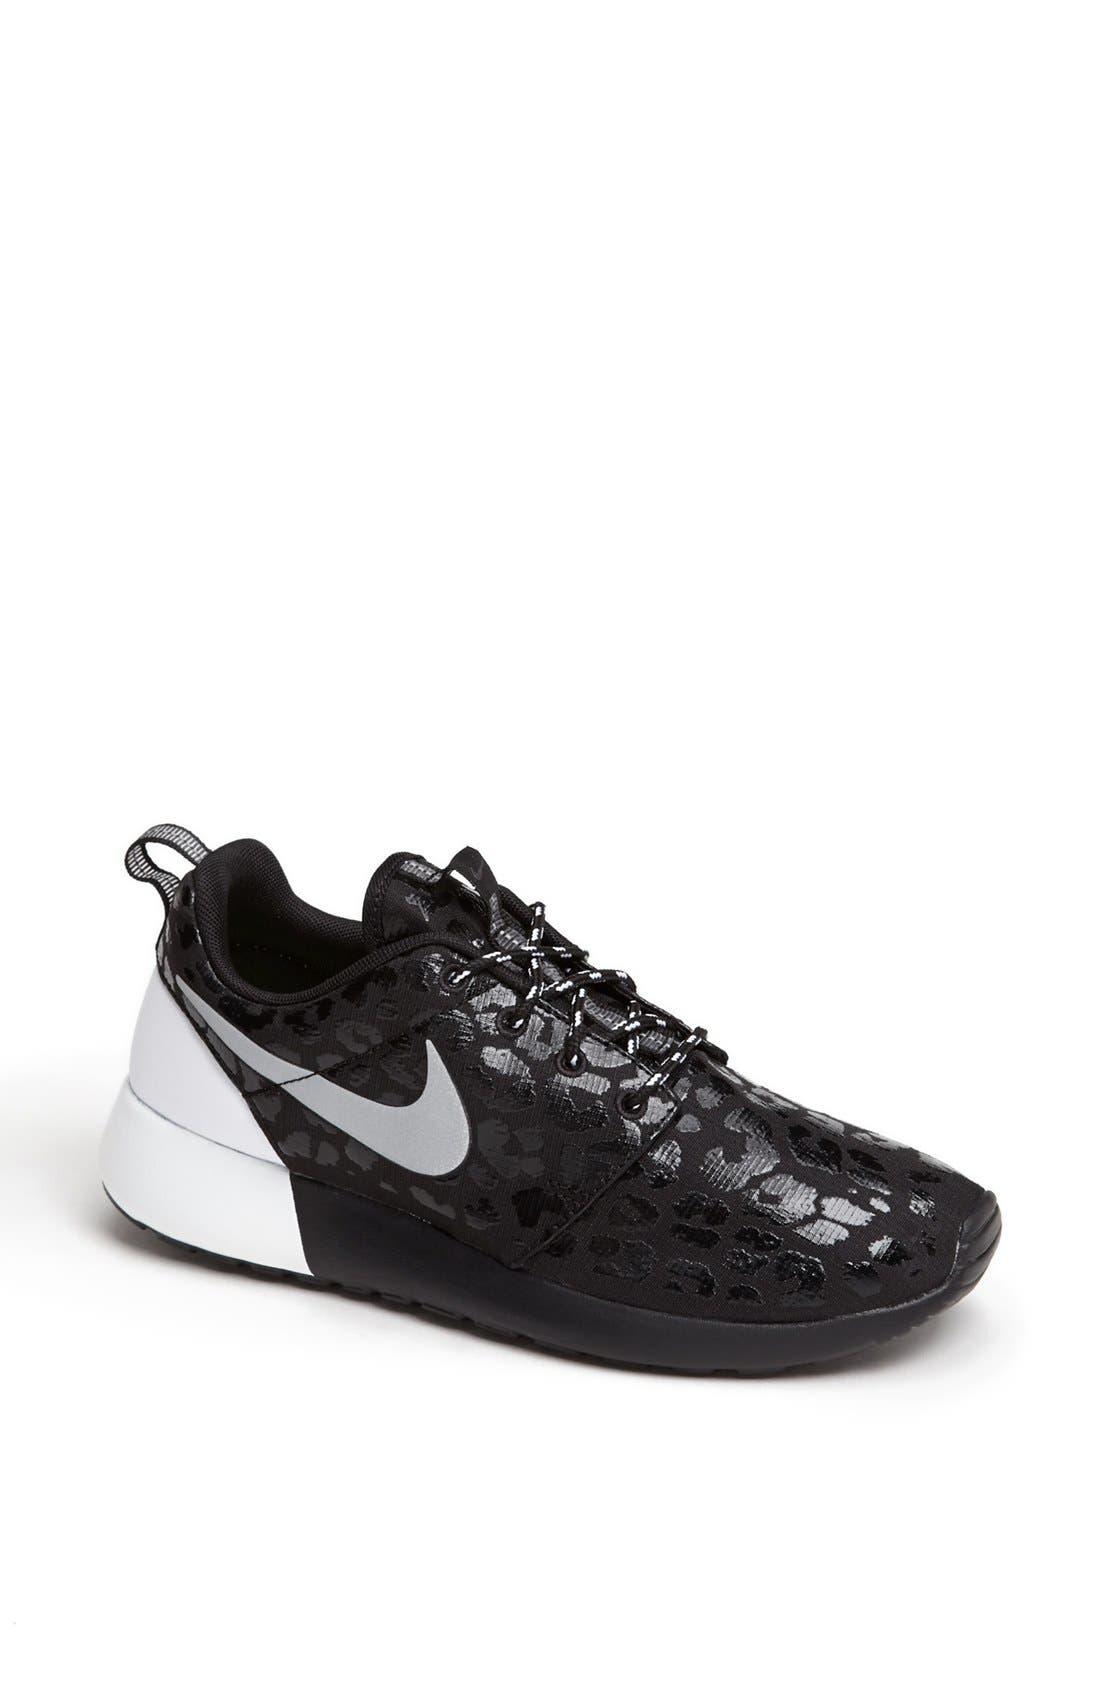 Alternate Image 1 Selected - Nike 'Roshe Run' Sneaker (Women)